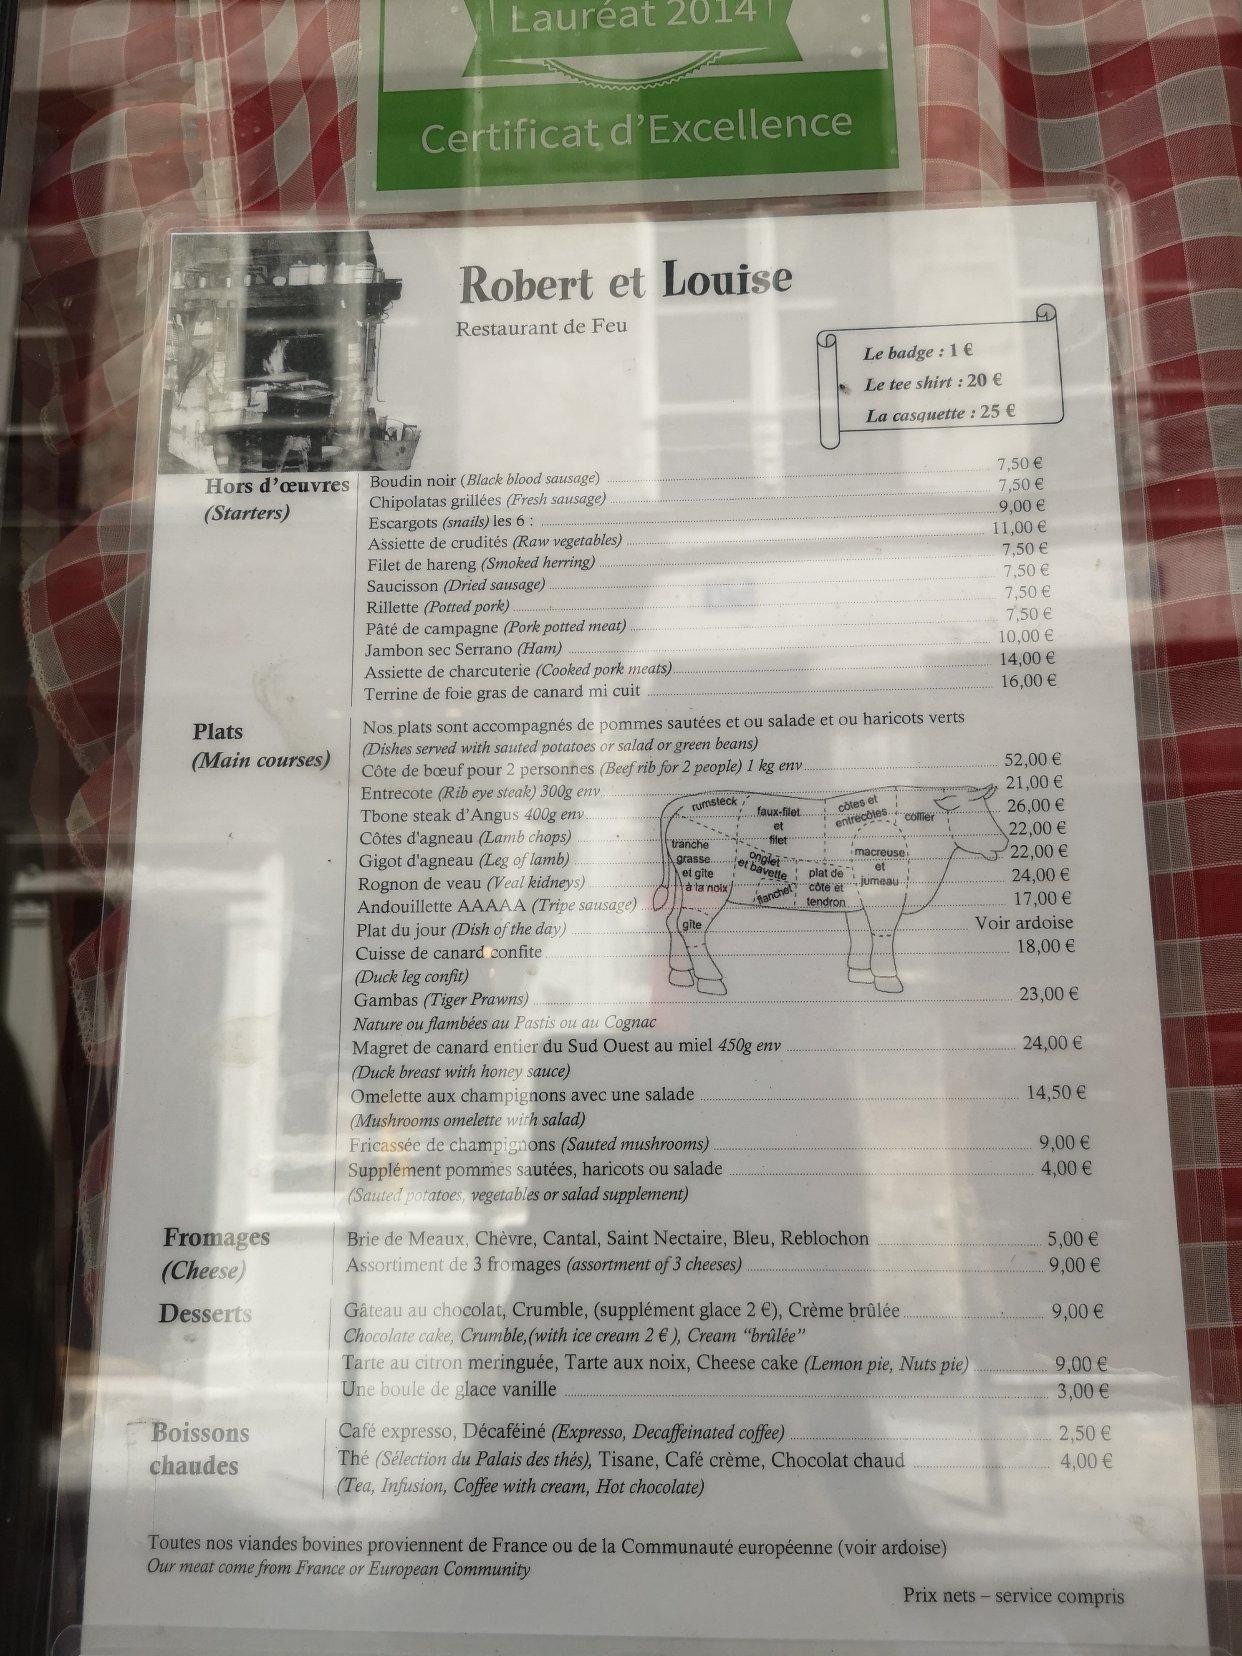 巴黎探店|巴黎最好吃的碳烤牛排餐厅